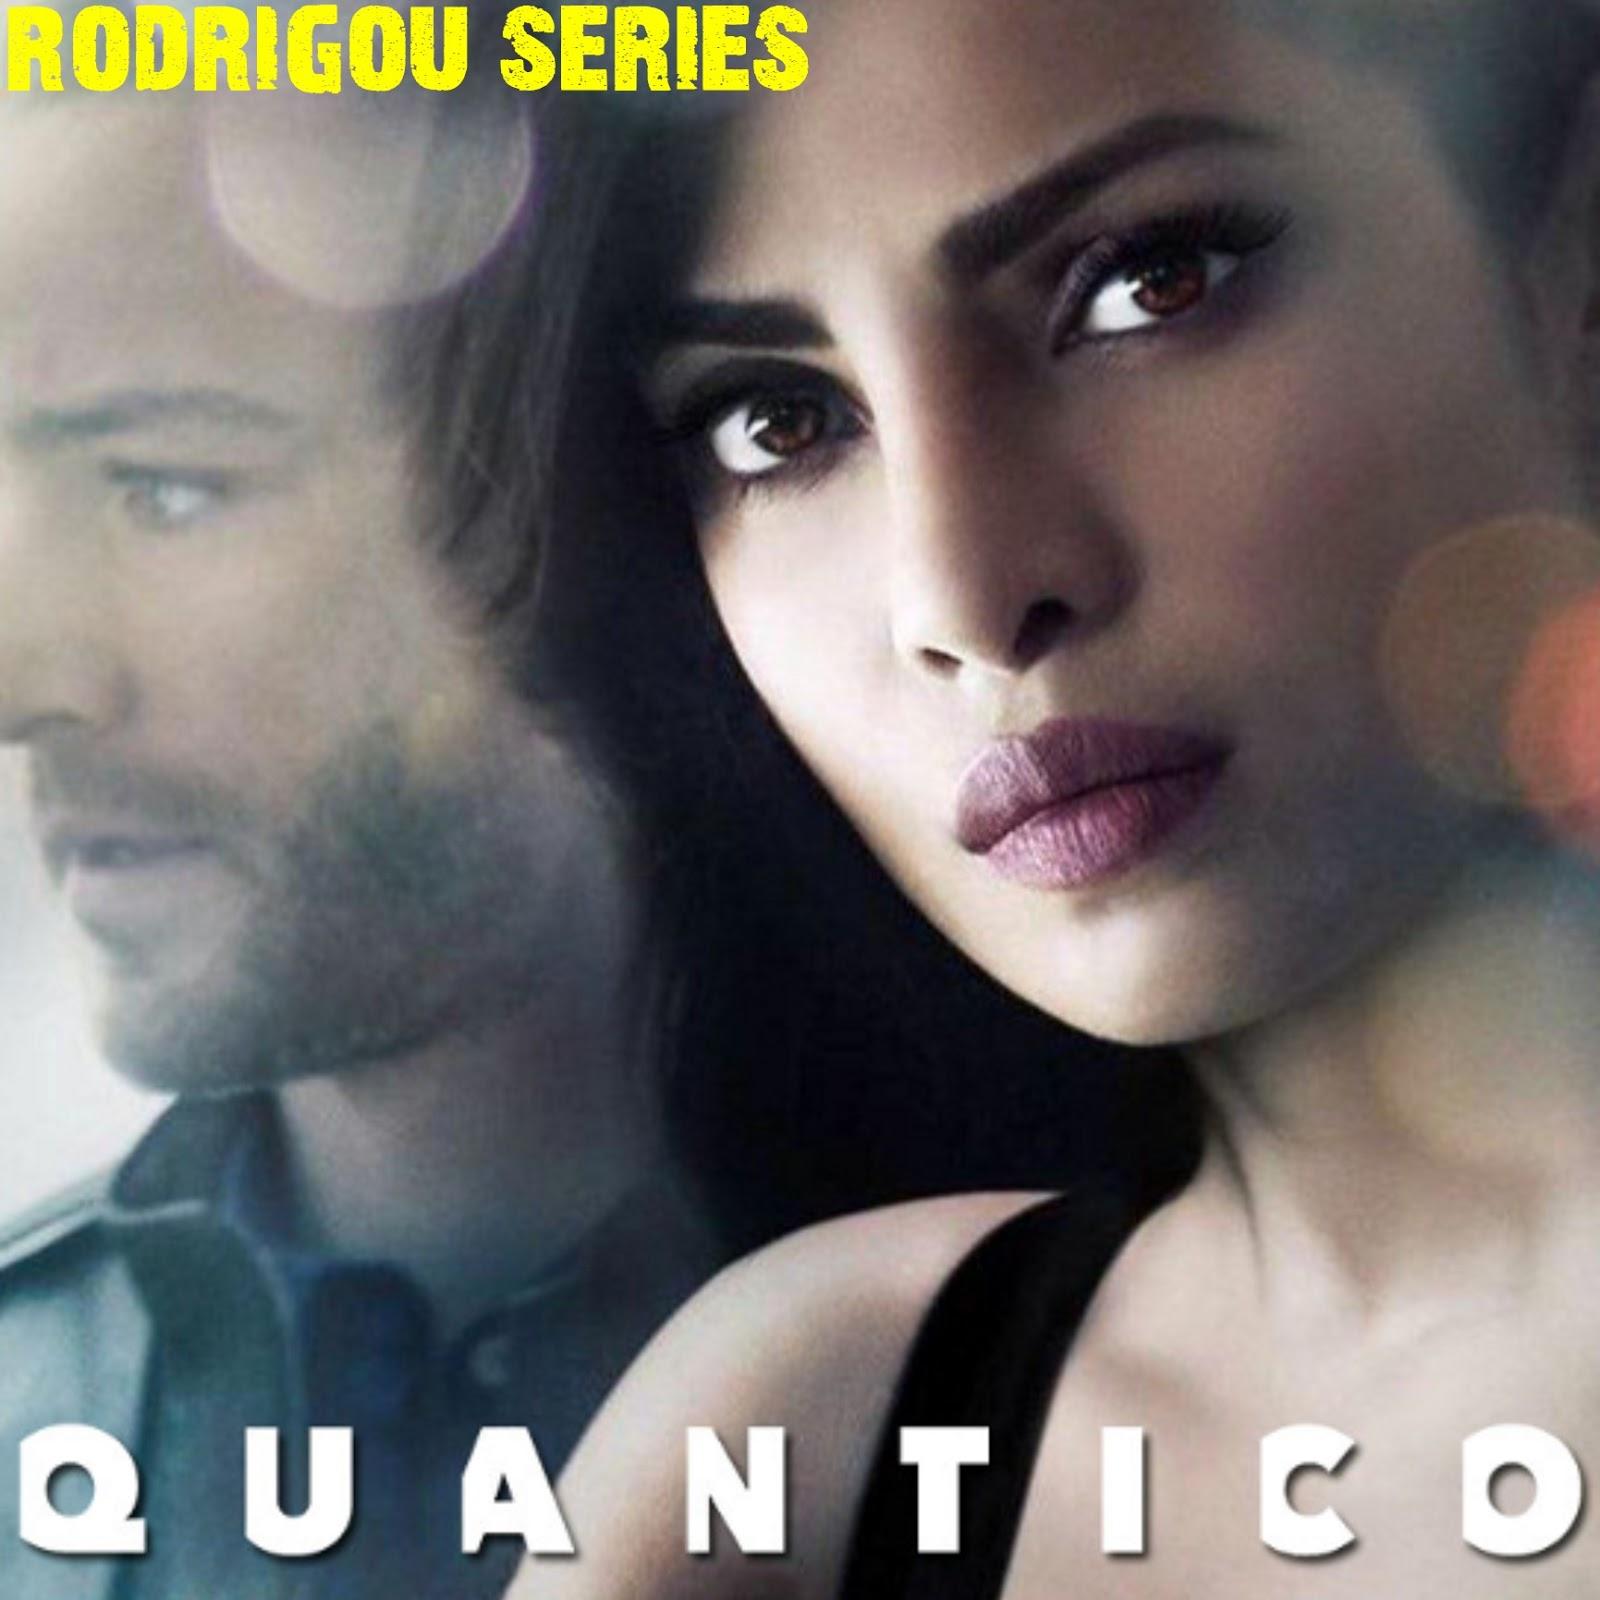 Quantico - T2|EP9 - 2° TEMPORADA